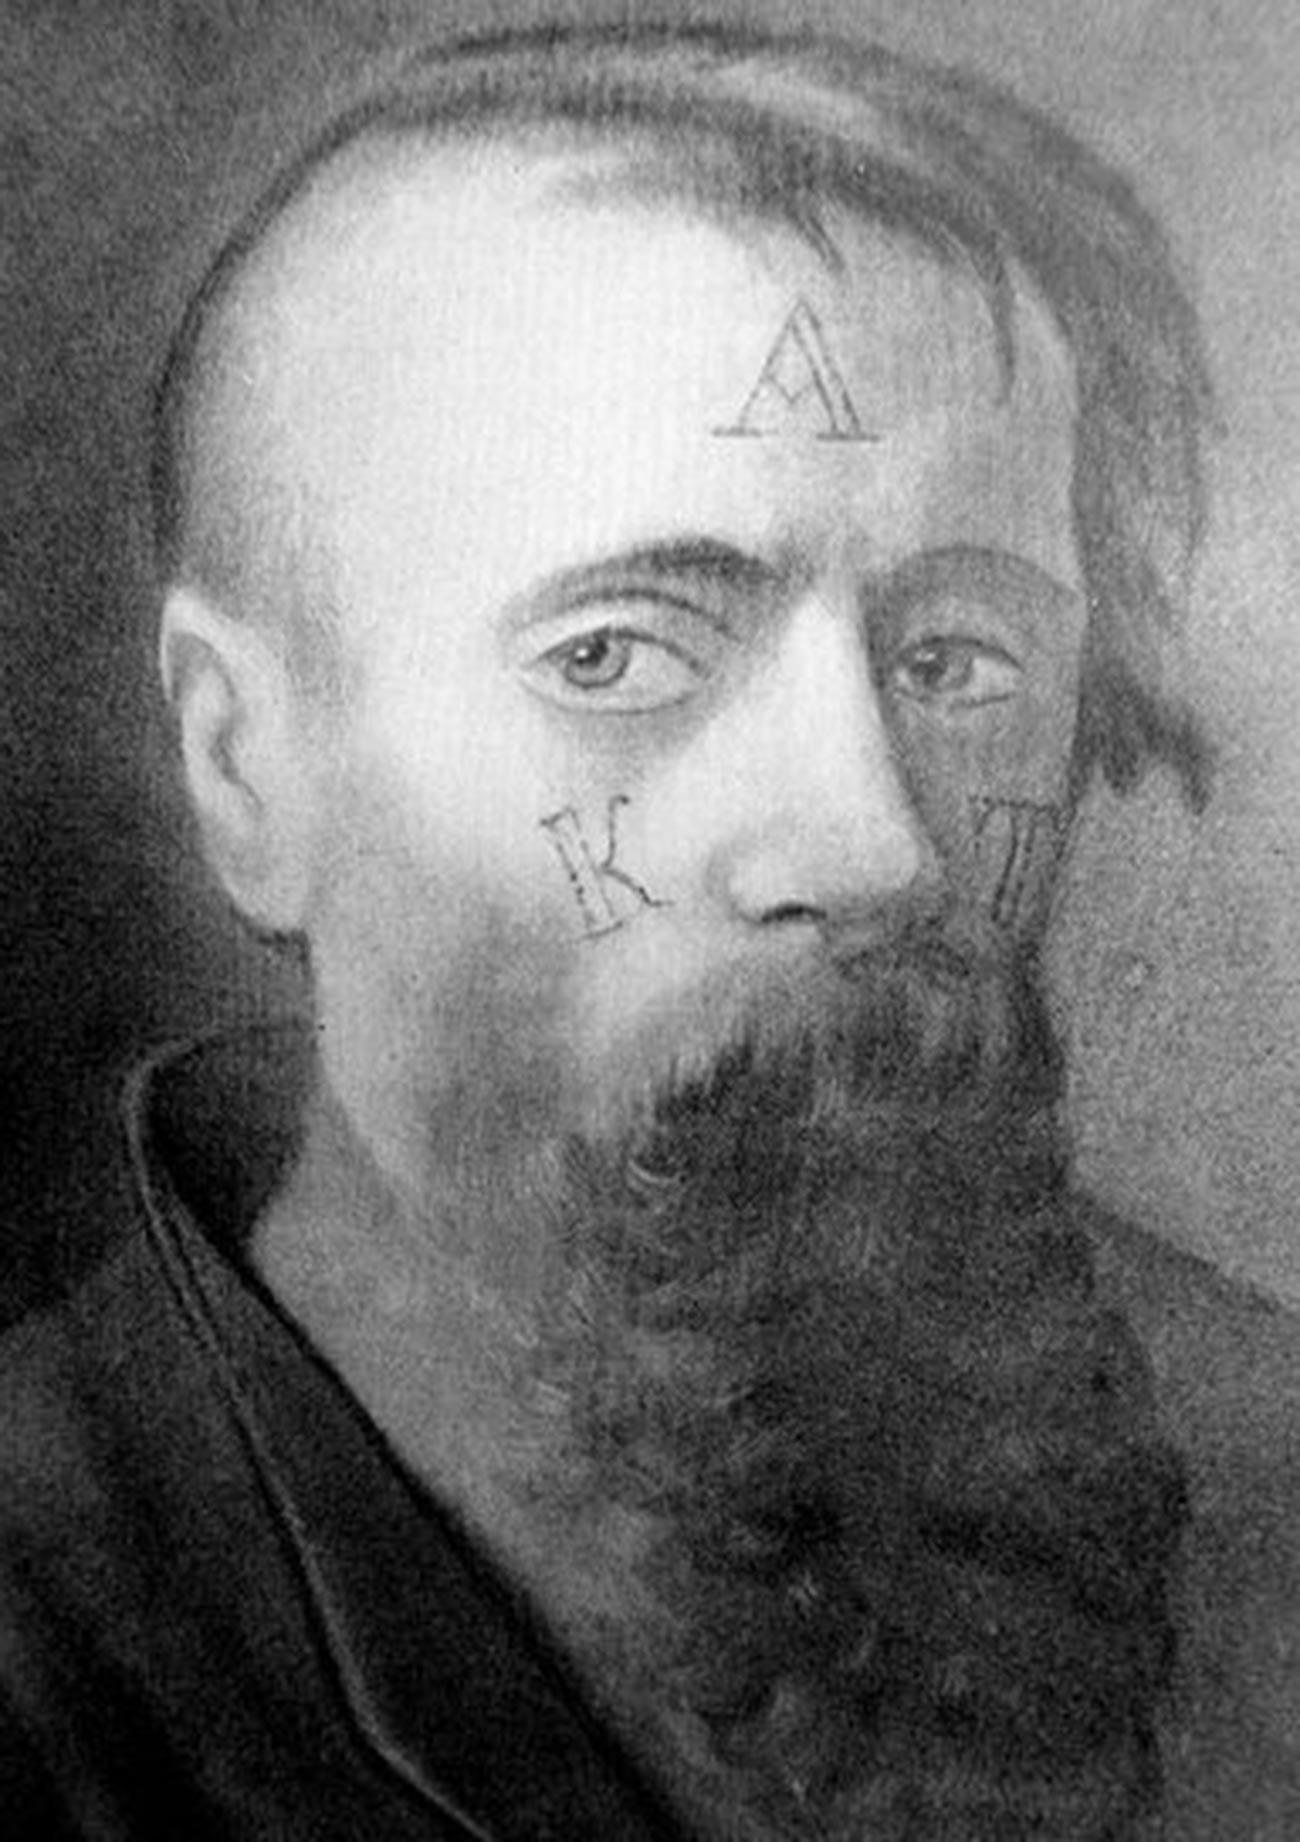 La forma en que la marca fue realizada en la cara de un convicto